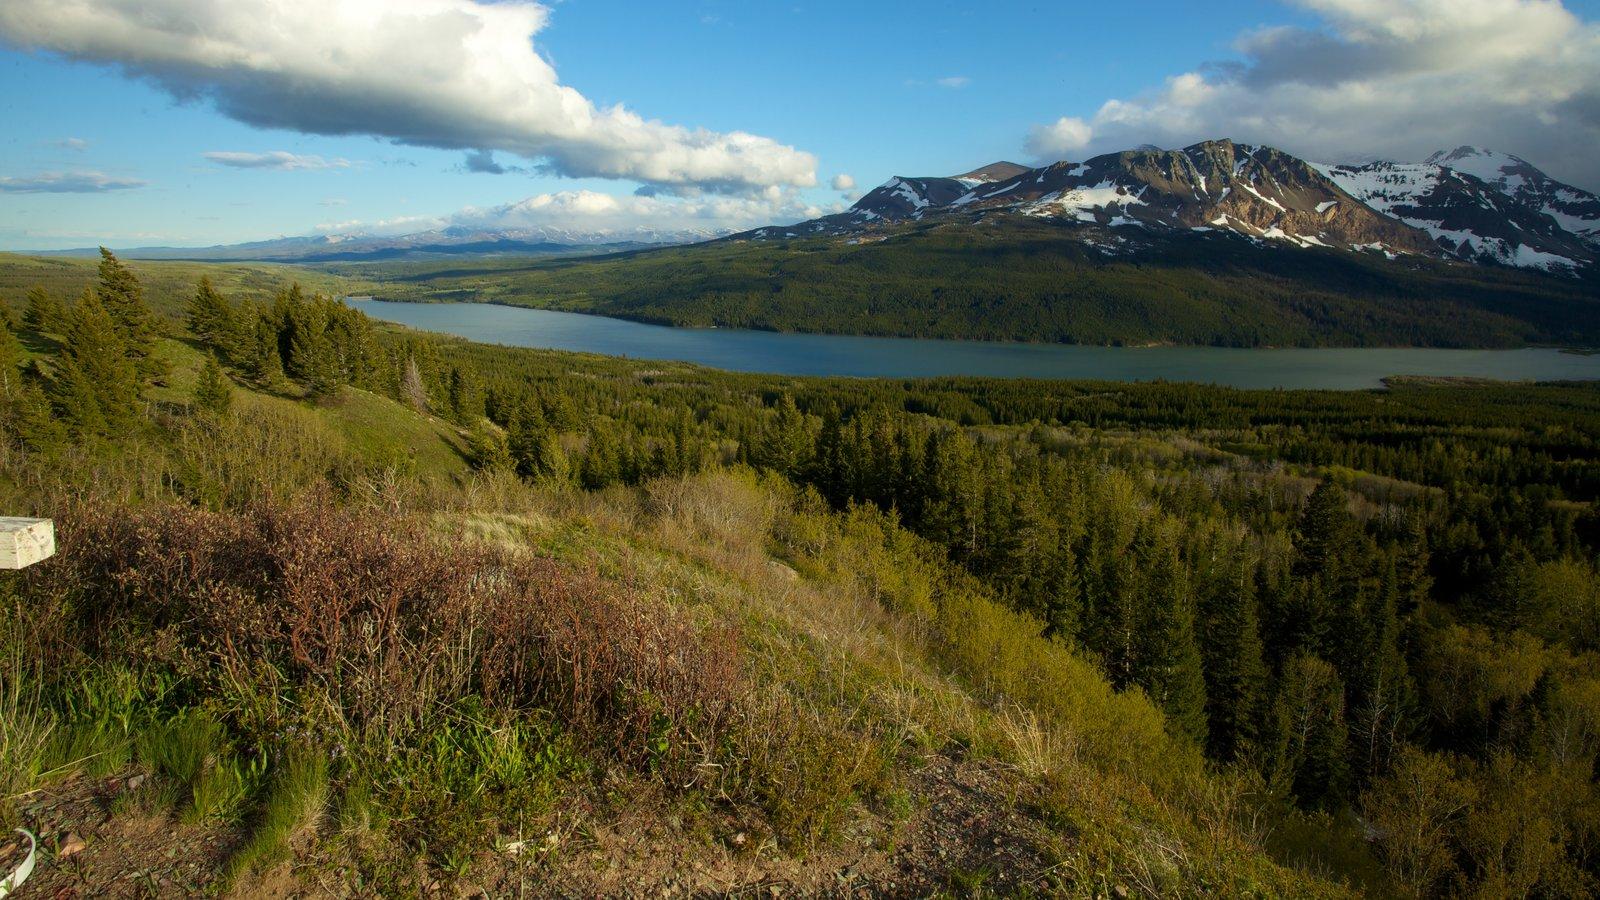 Parque Nacional de los Glaciares ofreciendo escenas tranquilas